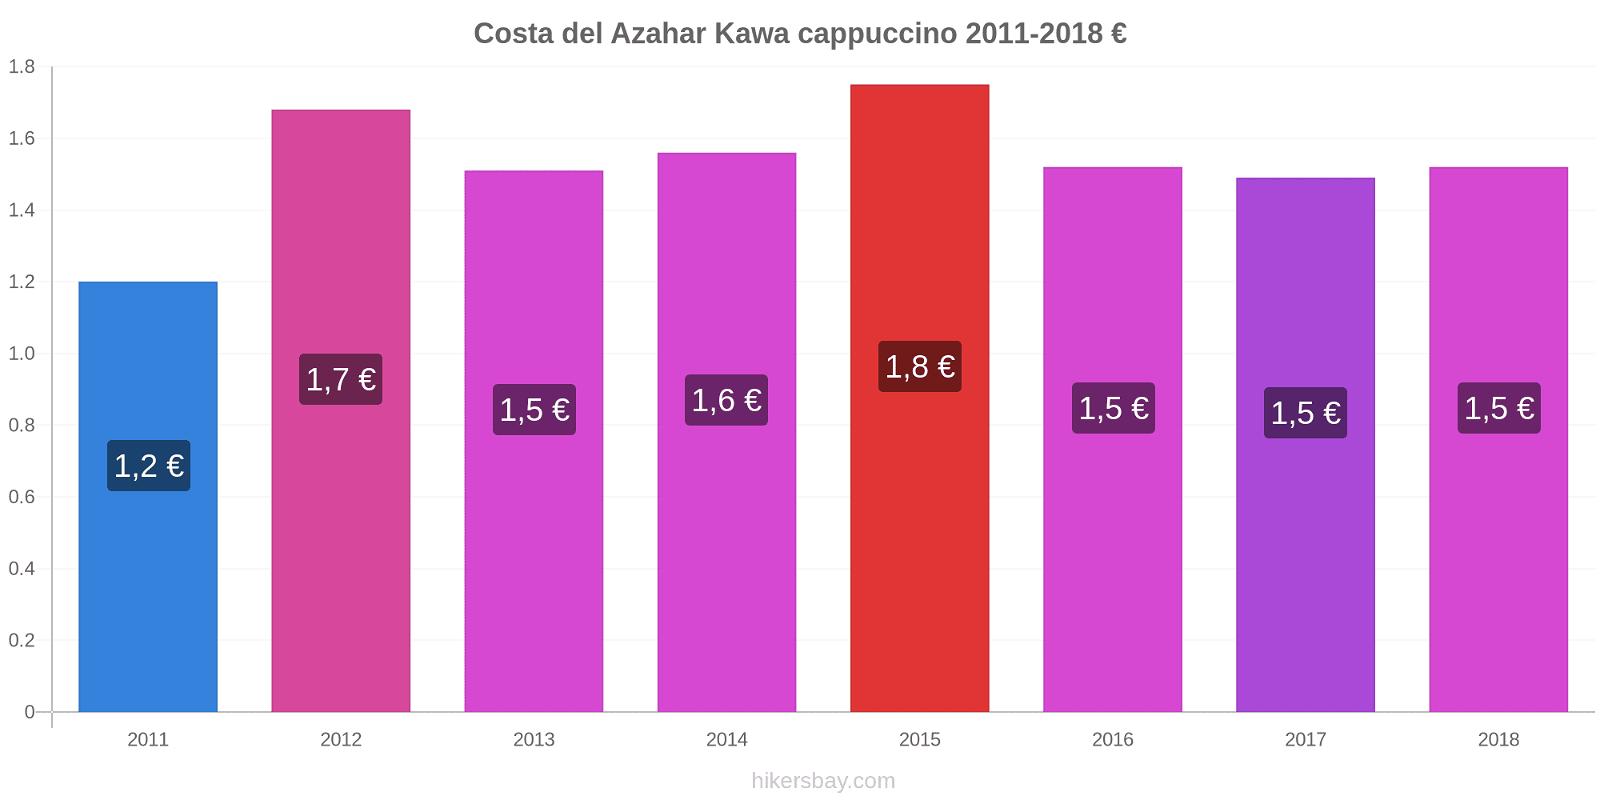 Costa del Azahar zmiany cen Kawa cappuccino hikersbay.com